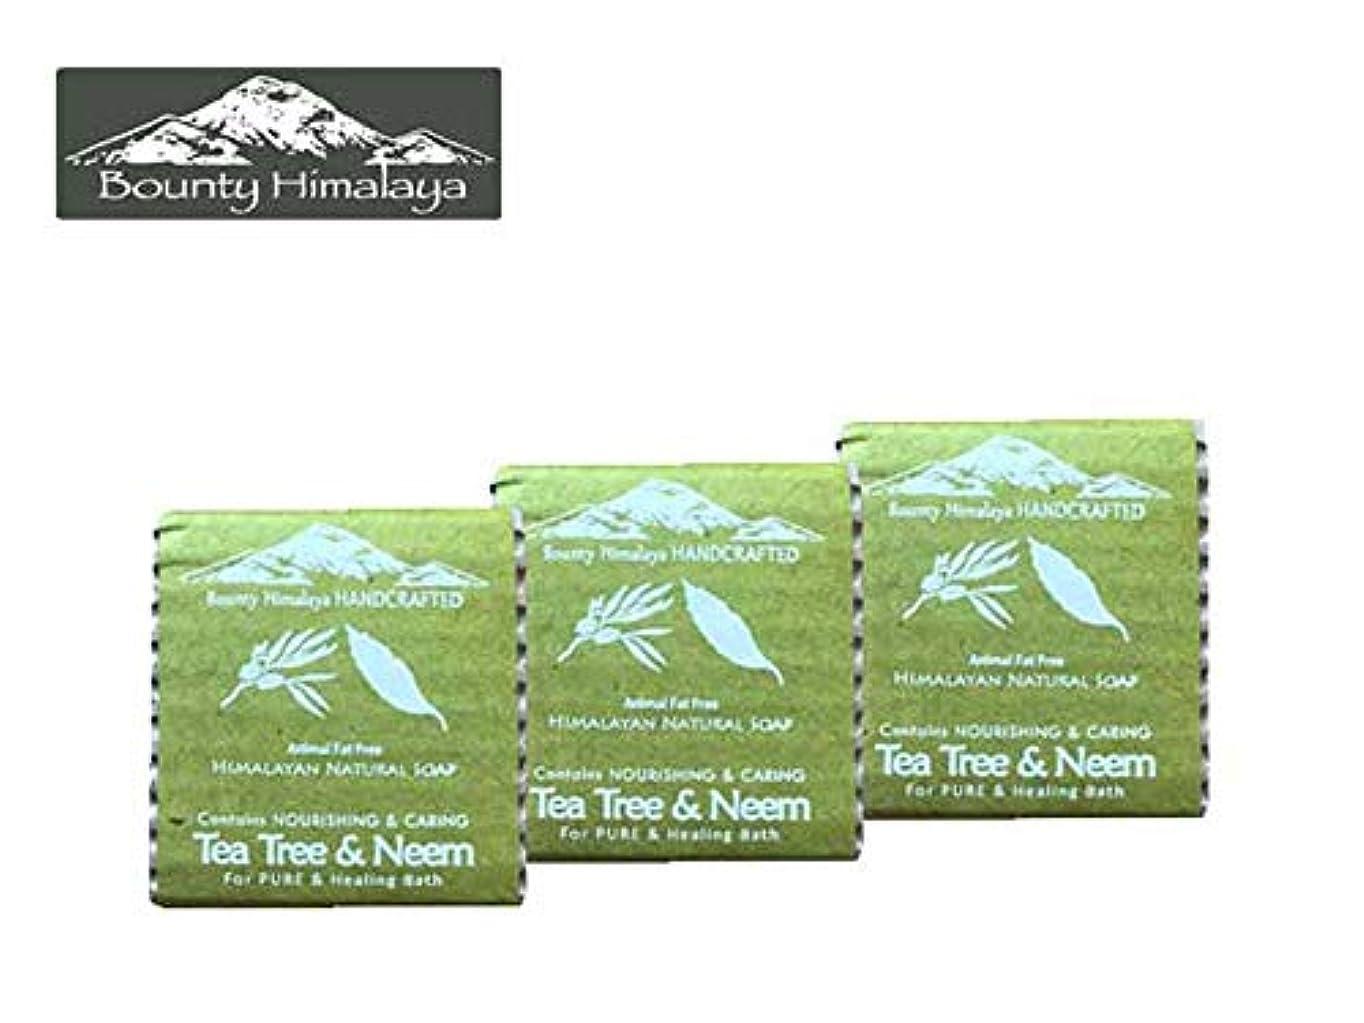 プラットフォーム涙落胆するアーユルヴェーダ ヒマラヤ ティーツリー?ニーム ソープ3セット Bounty Himalaya Tea Tree & Neem SOAP(NEPAL AYURVEDA) 100g